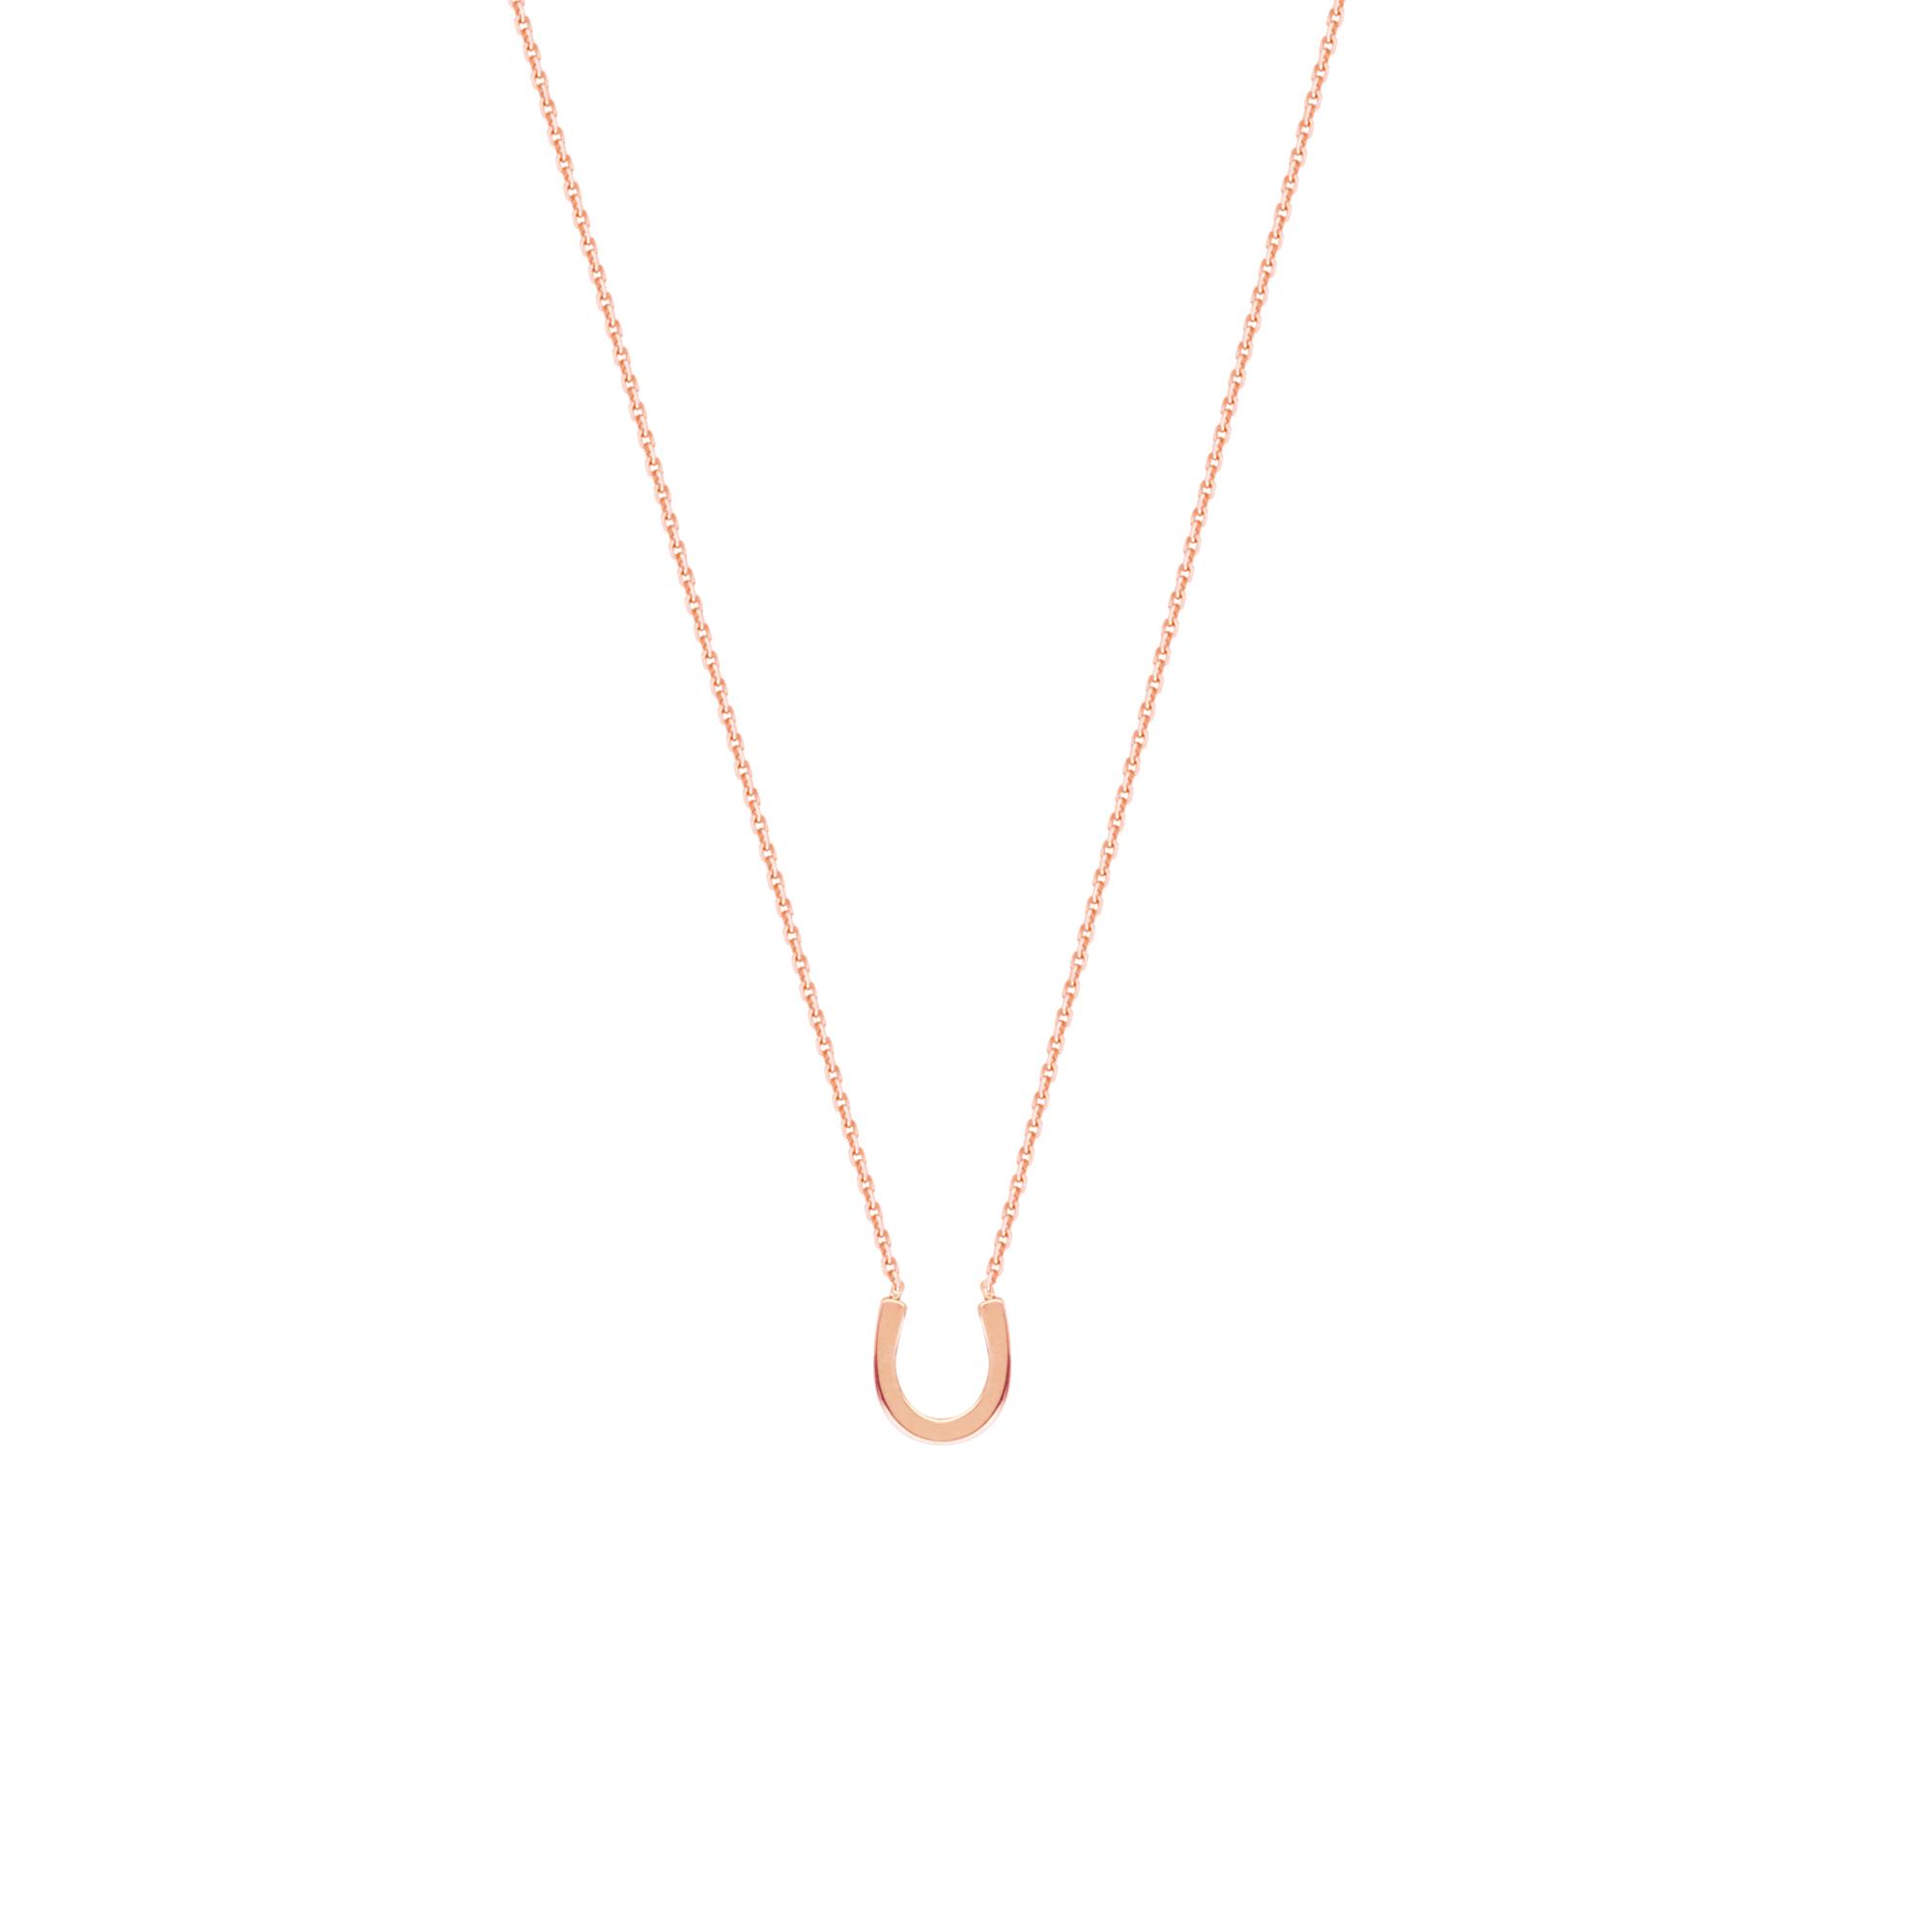 Horseshoe Necklace,14 Kt Gold  Horseshoe Necklace 18